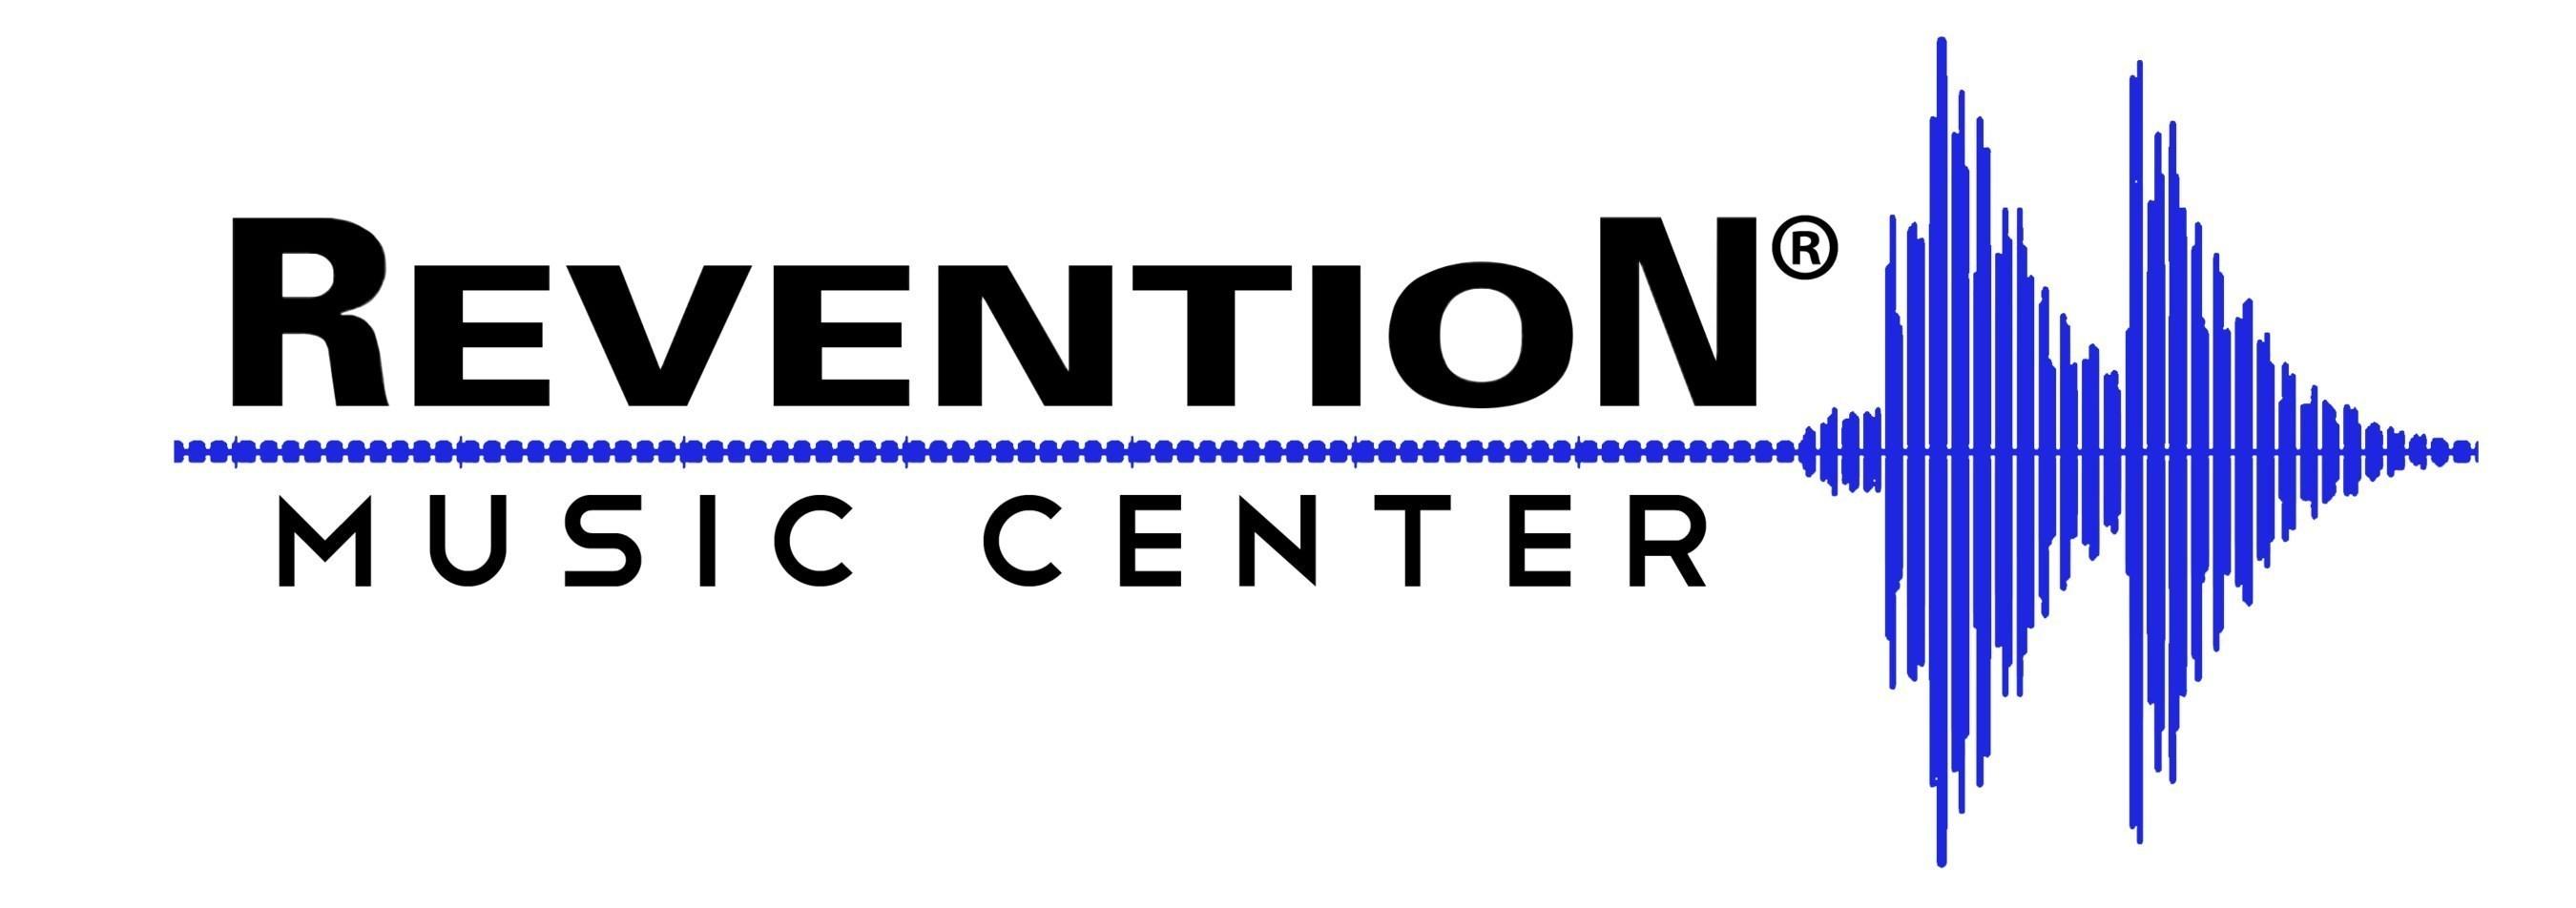 Sala de conciertos de Live Nation en el centro de Houston recibe nuevo nombre: Revention Music